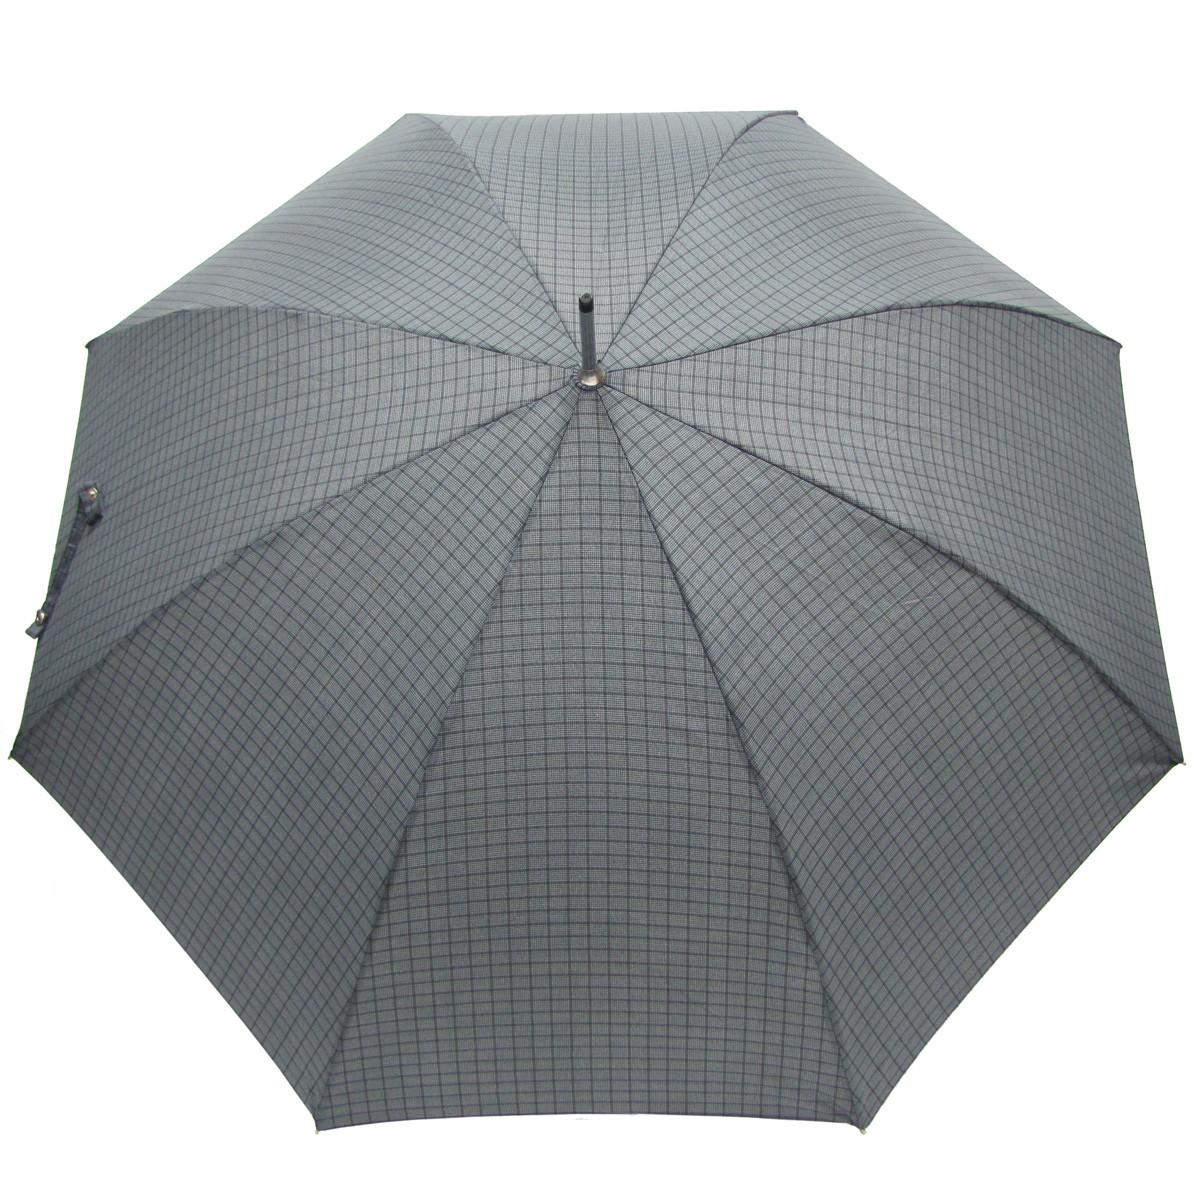 Зонт-трость Doppler 740167-1 полуавтомат Крупная клетка